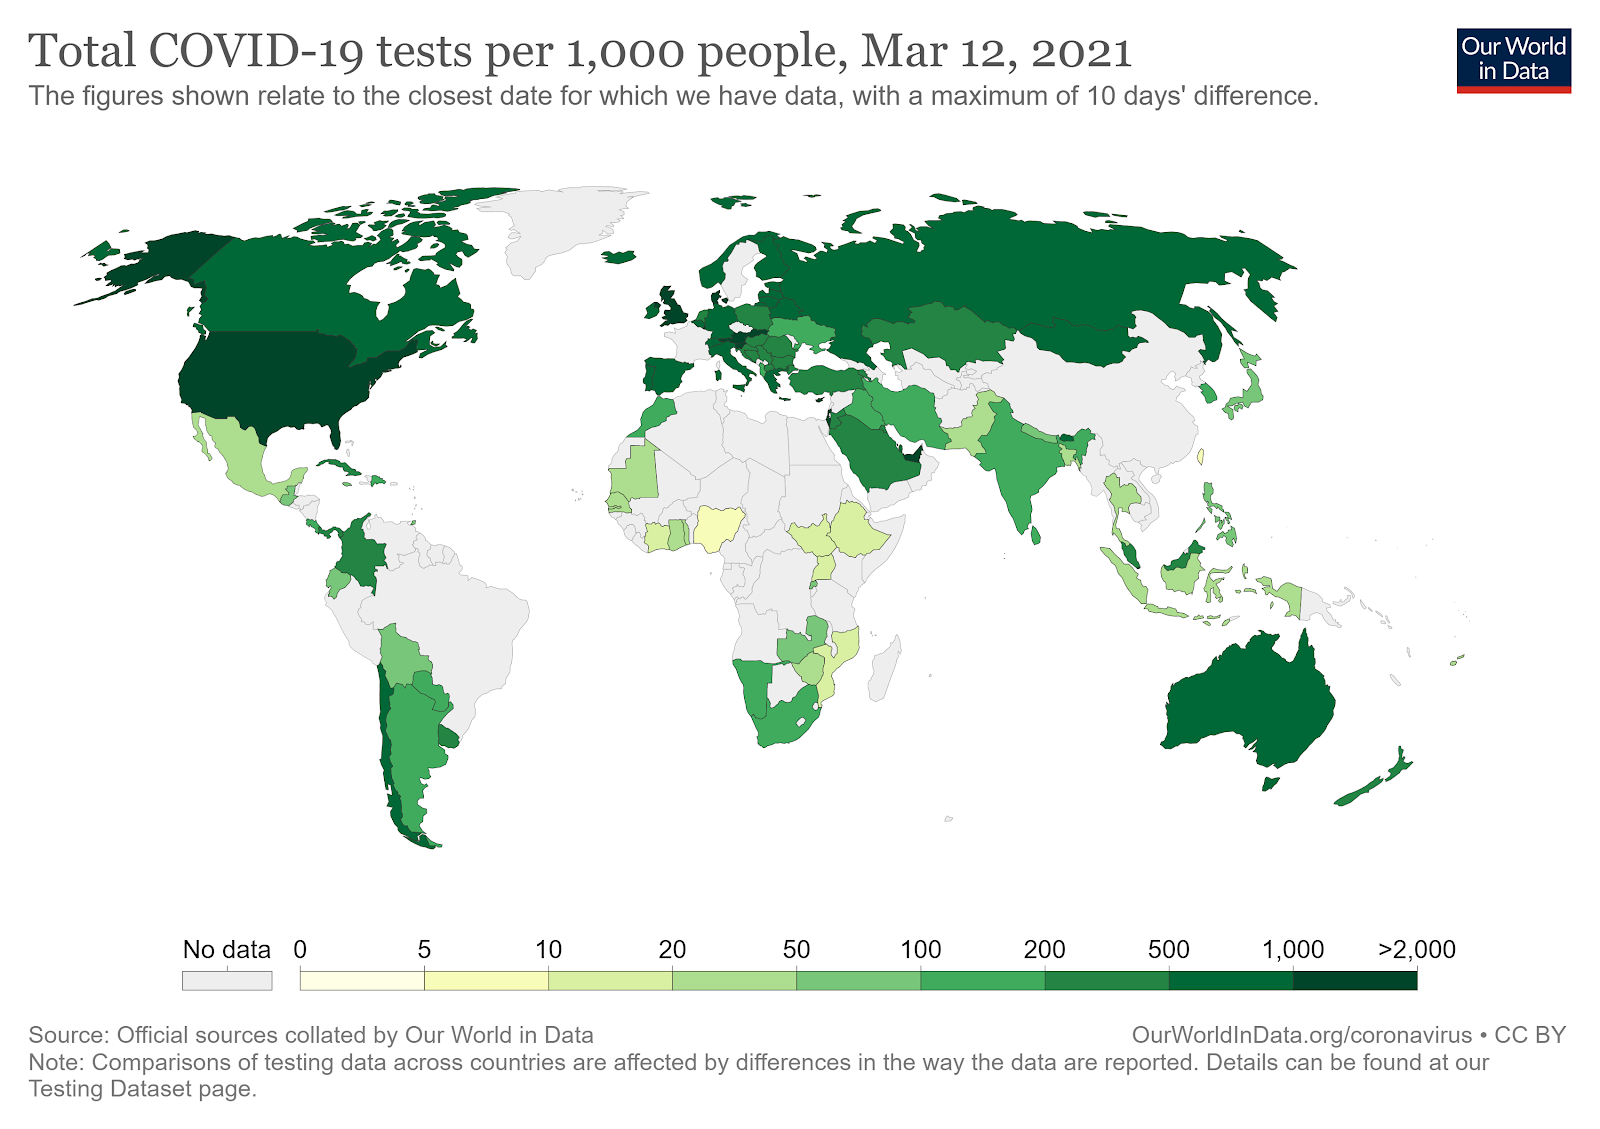 Estados Unidos e Reino Unido têm maiores índices de testes a cada mil habitantes. (Fonte: Our World in Data/Reprodução)